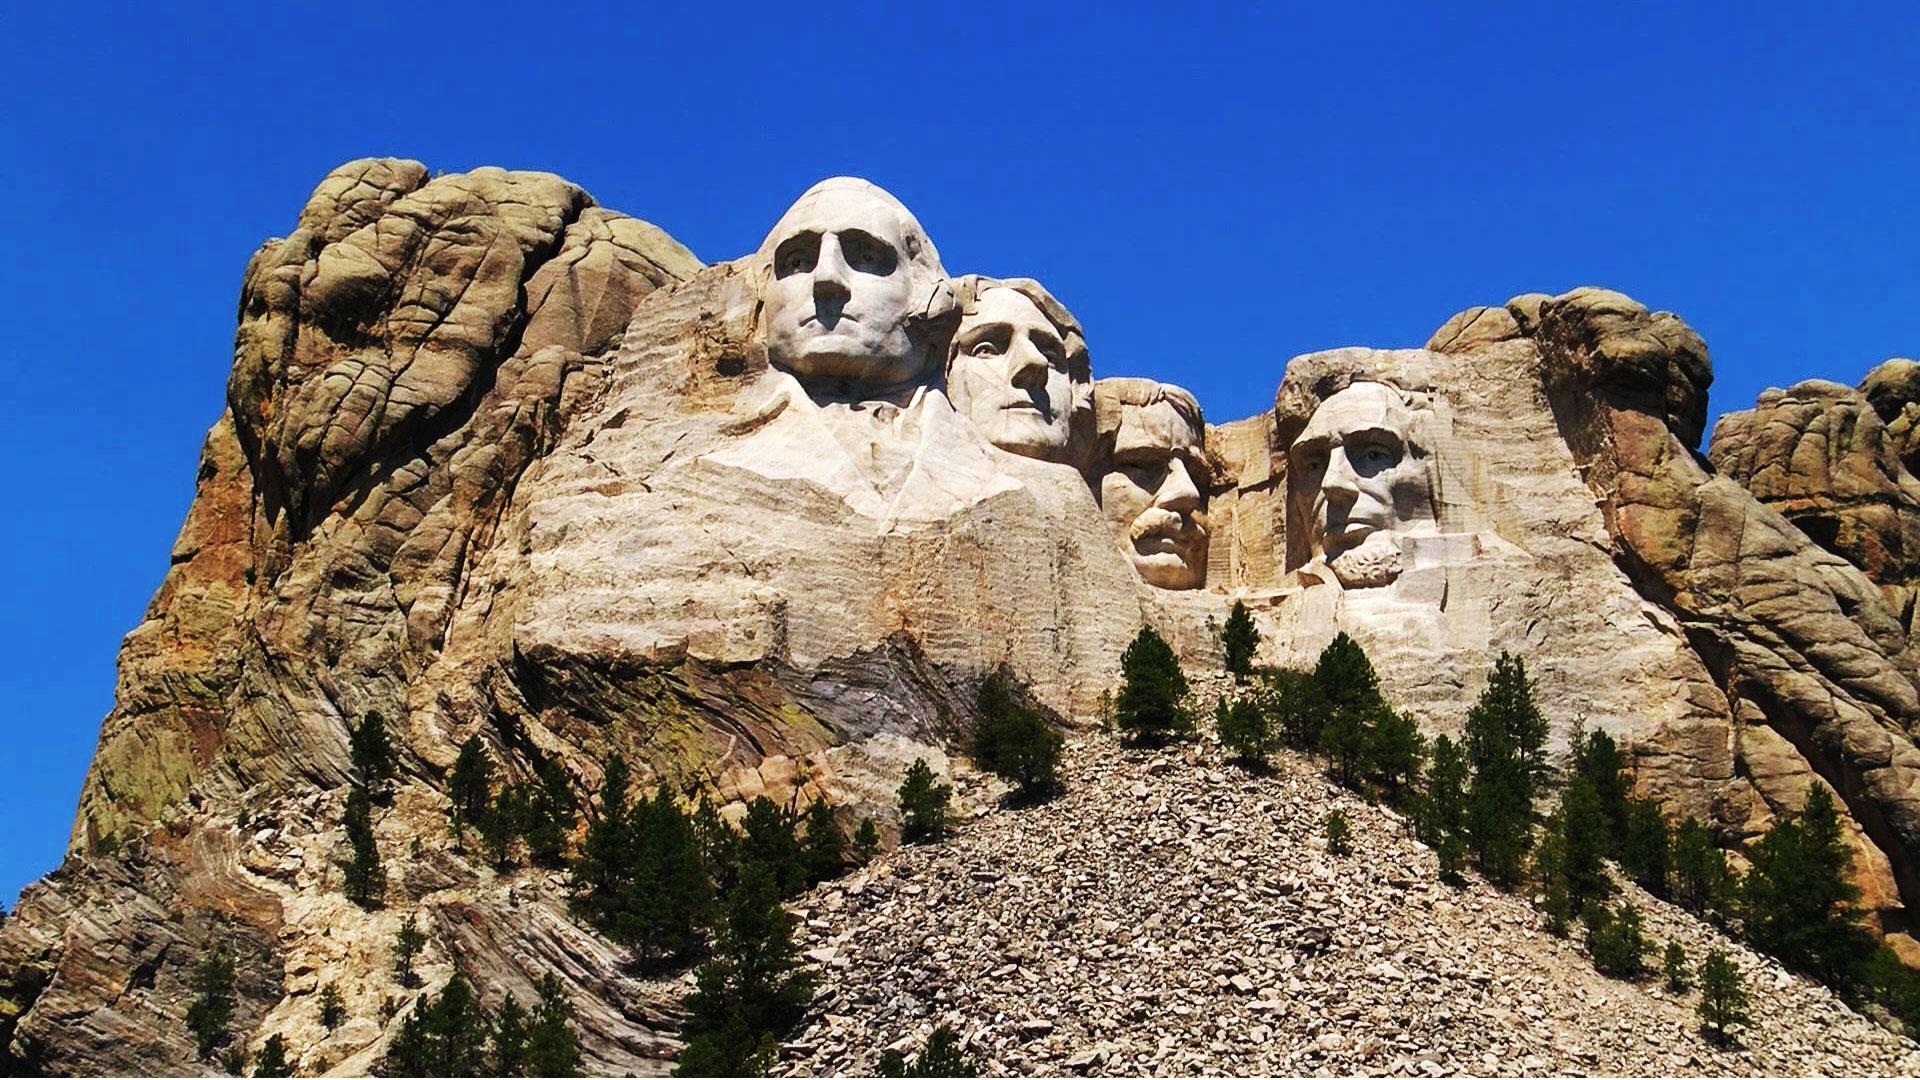 KELO MT. Rushmore